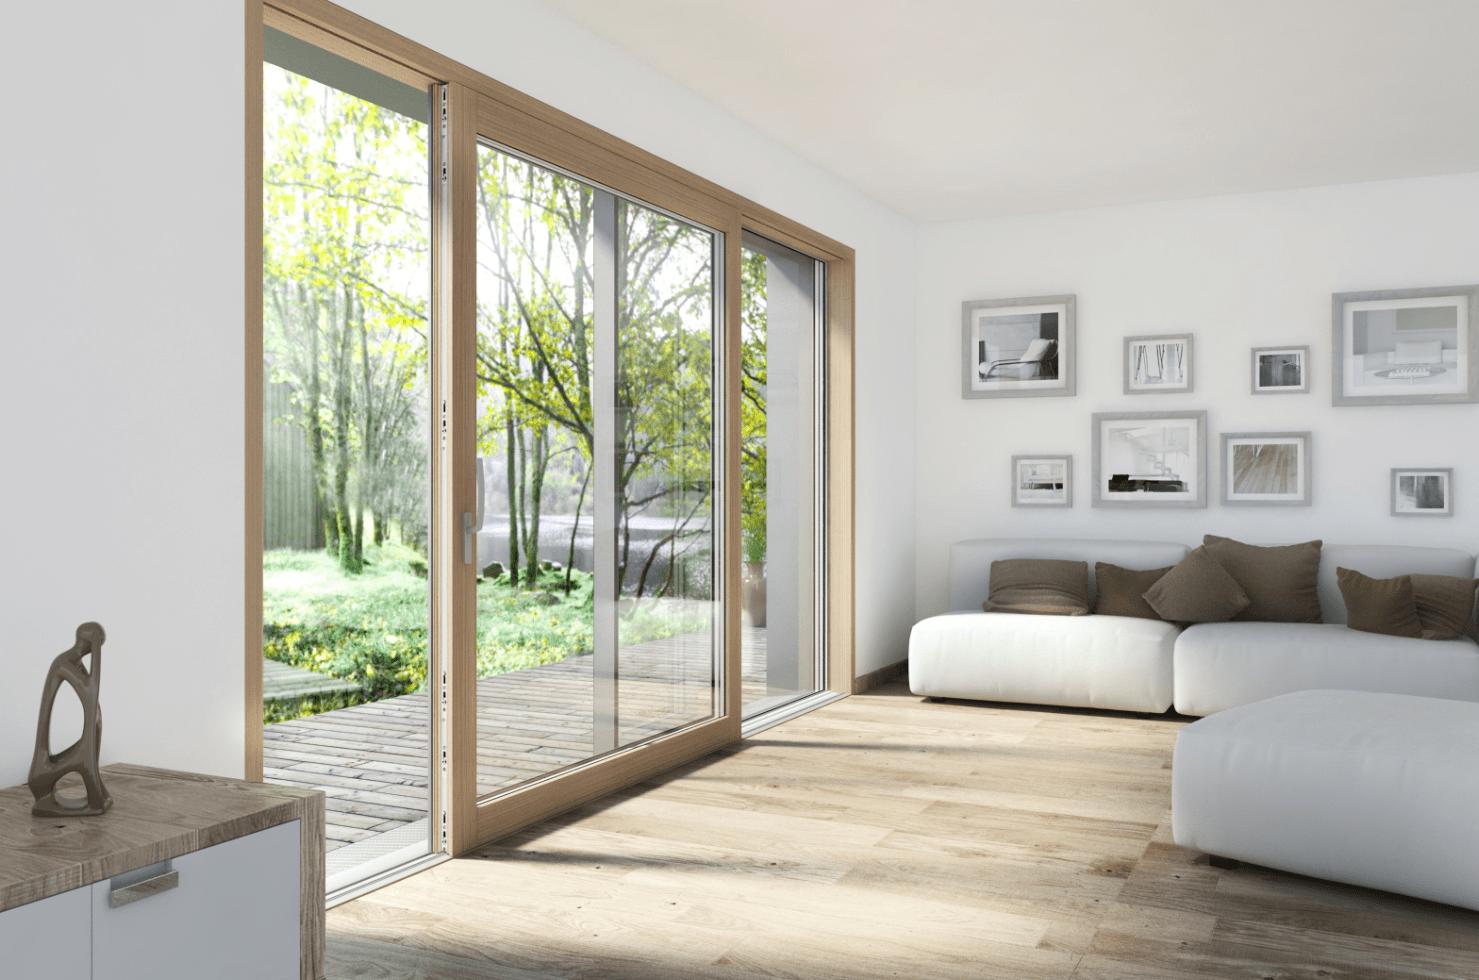 Finestre nuove tecnologie per comfort sicurezza e - La casa con le finestre che ridono ...